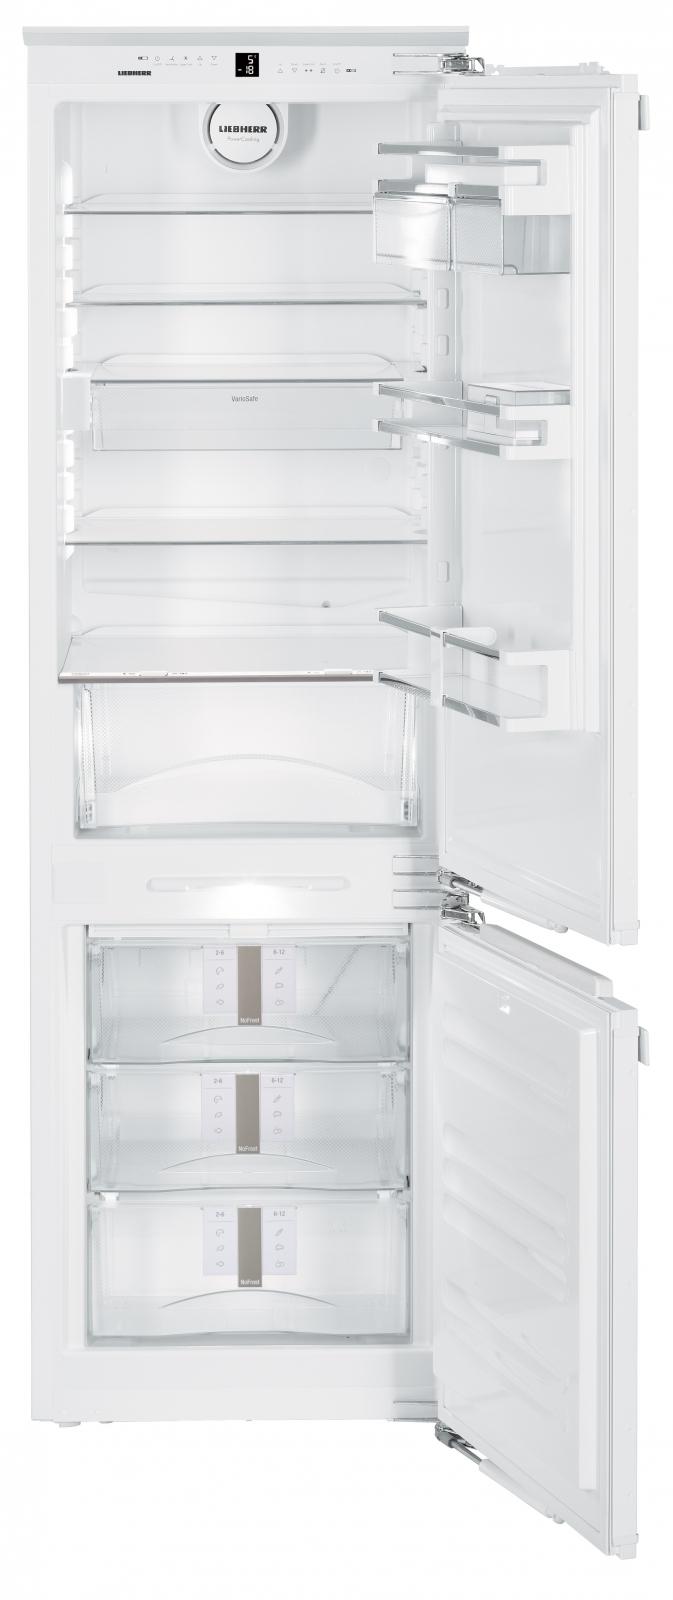 купить Встраиваемый двухкамерный холодильник Liebherr ICN 3376 Украина фото 4